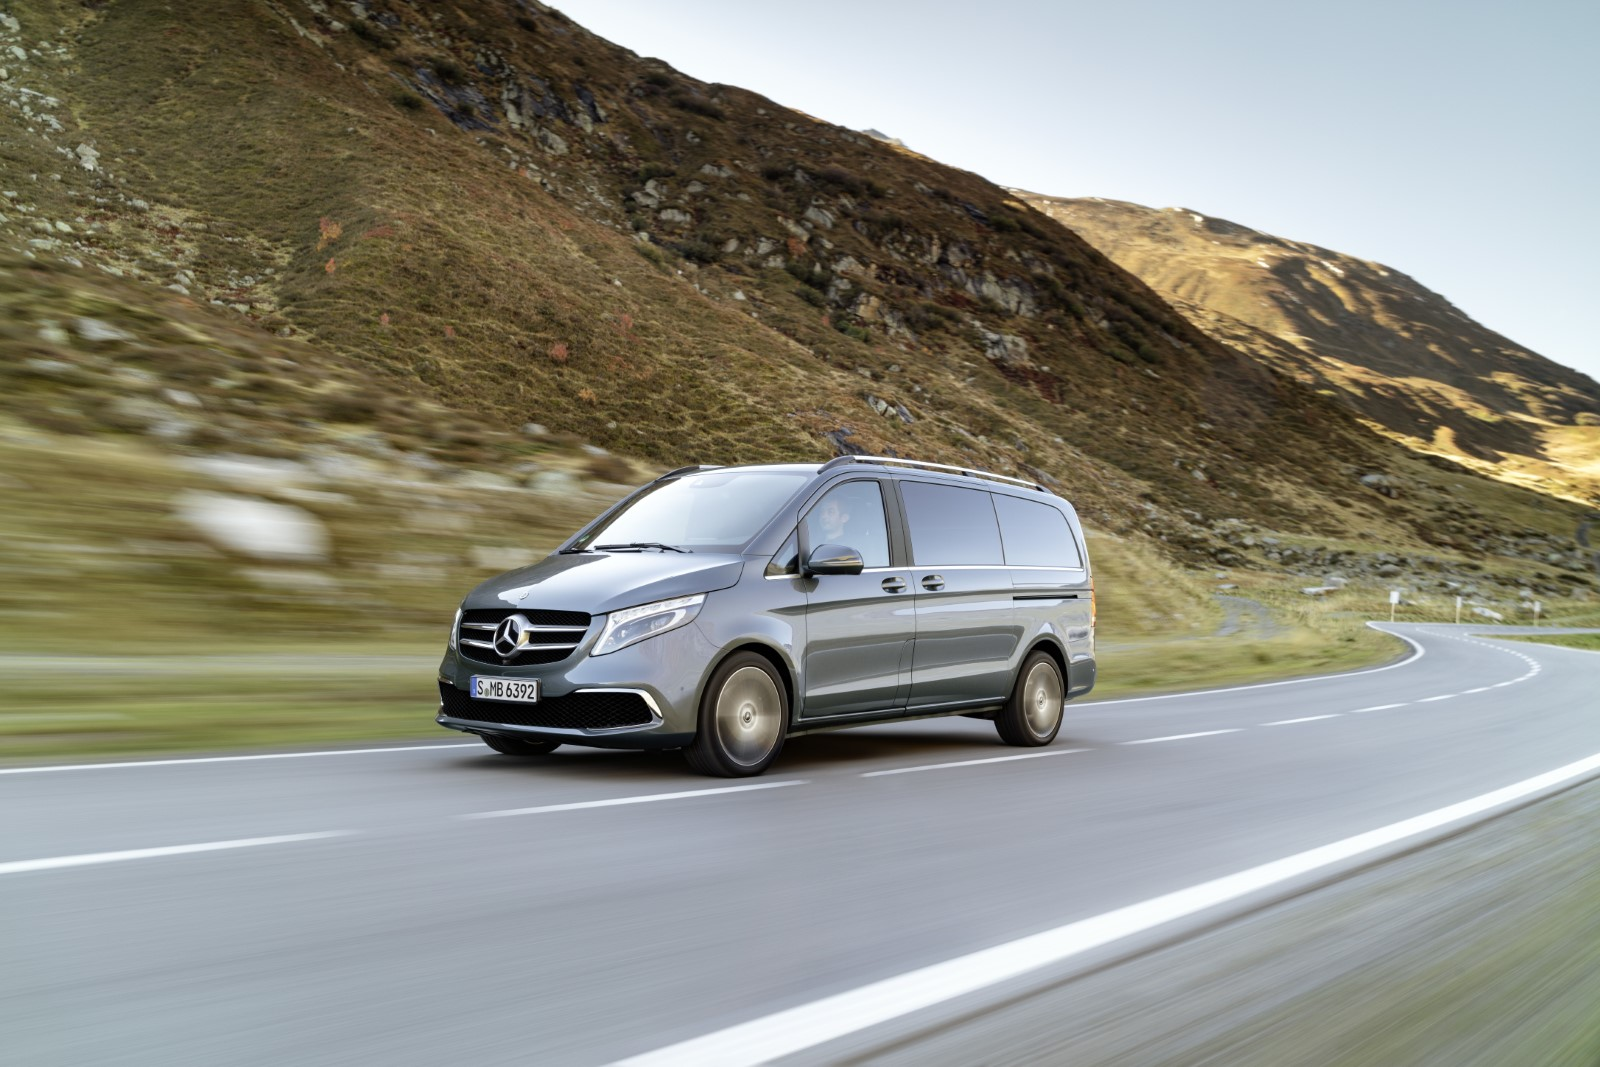 Mercedes ja претстави рестилизираната V класа/ ФОТО+ВИДЕО